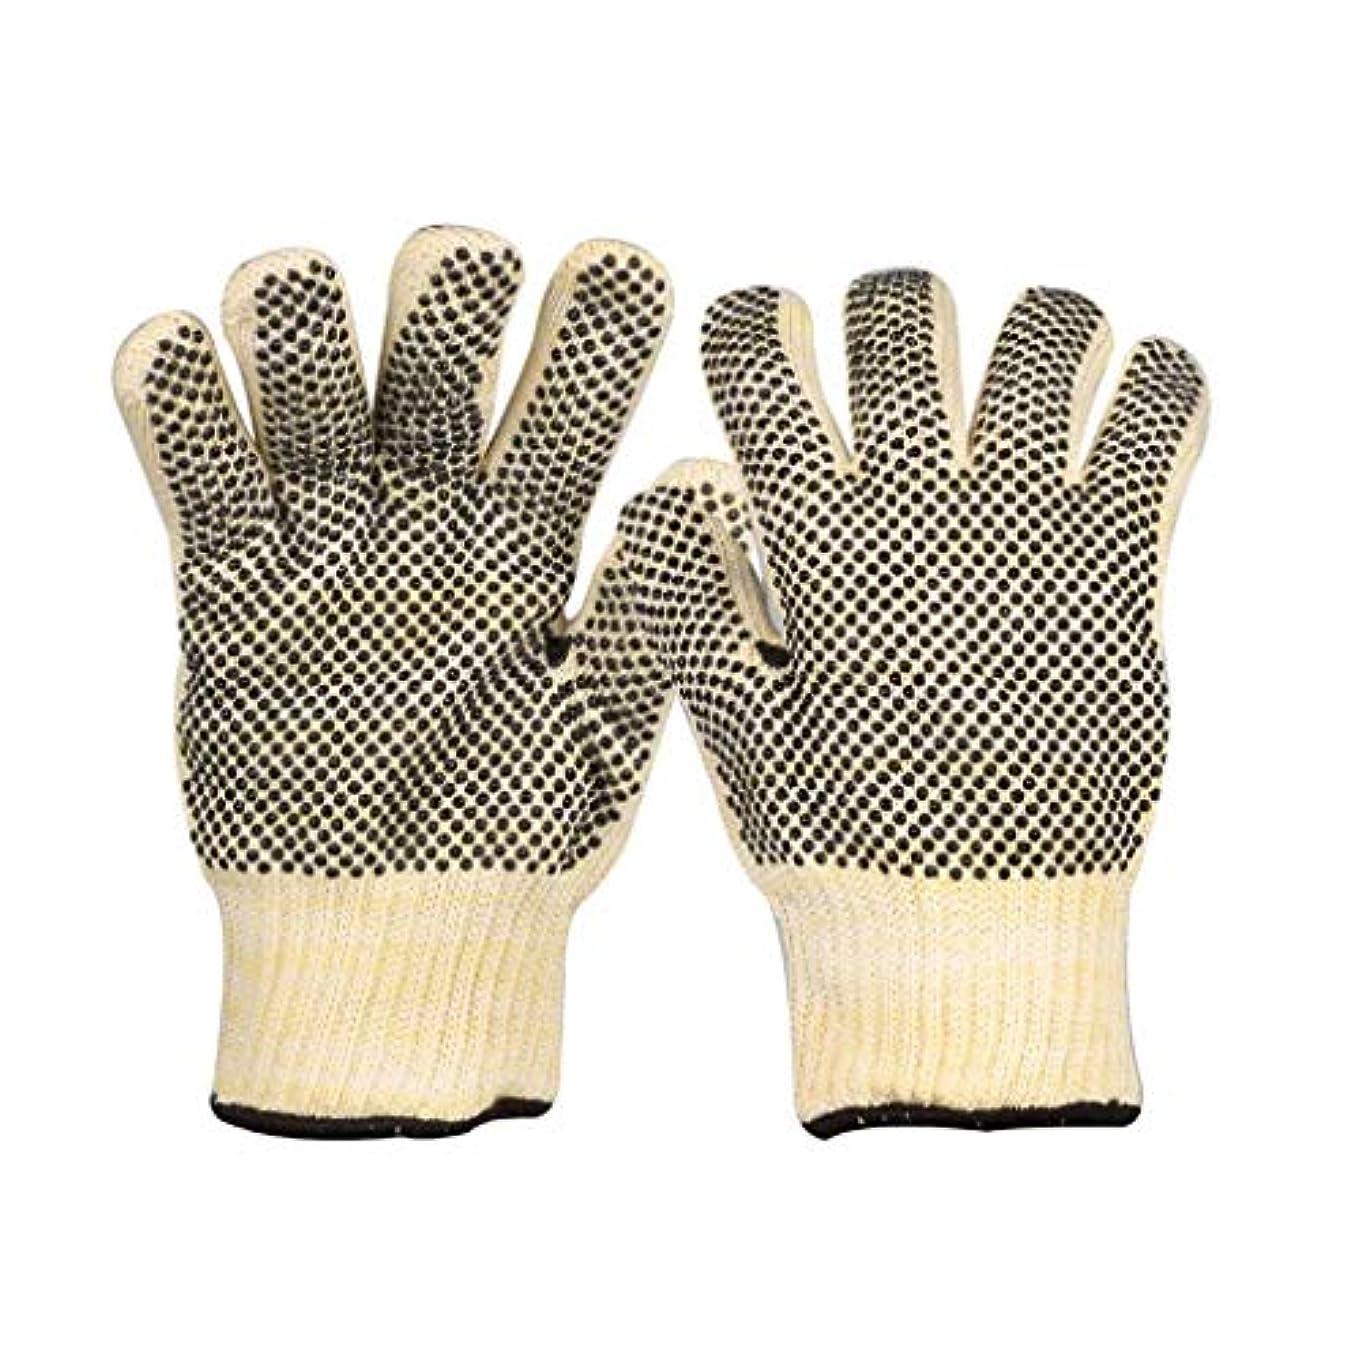 平均苗提供されたLIUXIN 高温耐性手袋両面シリコーンビーズ絶縁耐摩耗性通気性滑り止め手袋左右の手を区別しないでください12 * 27 CM ゴム手袋